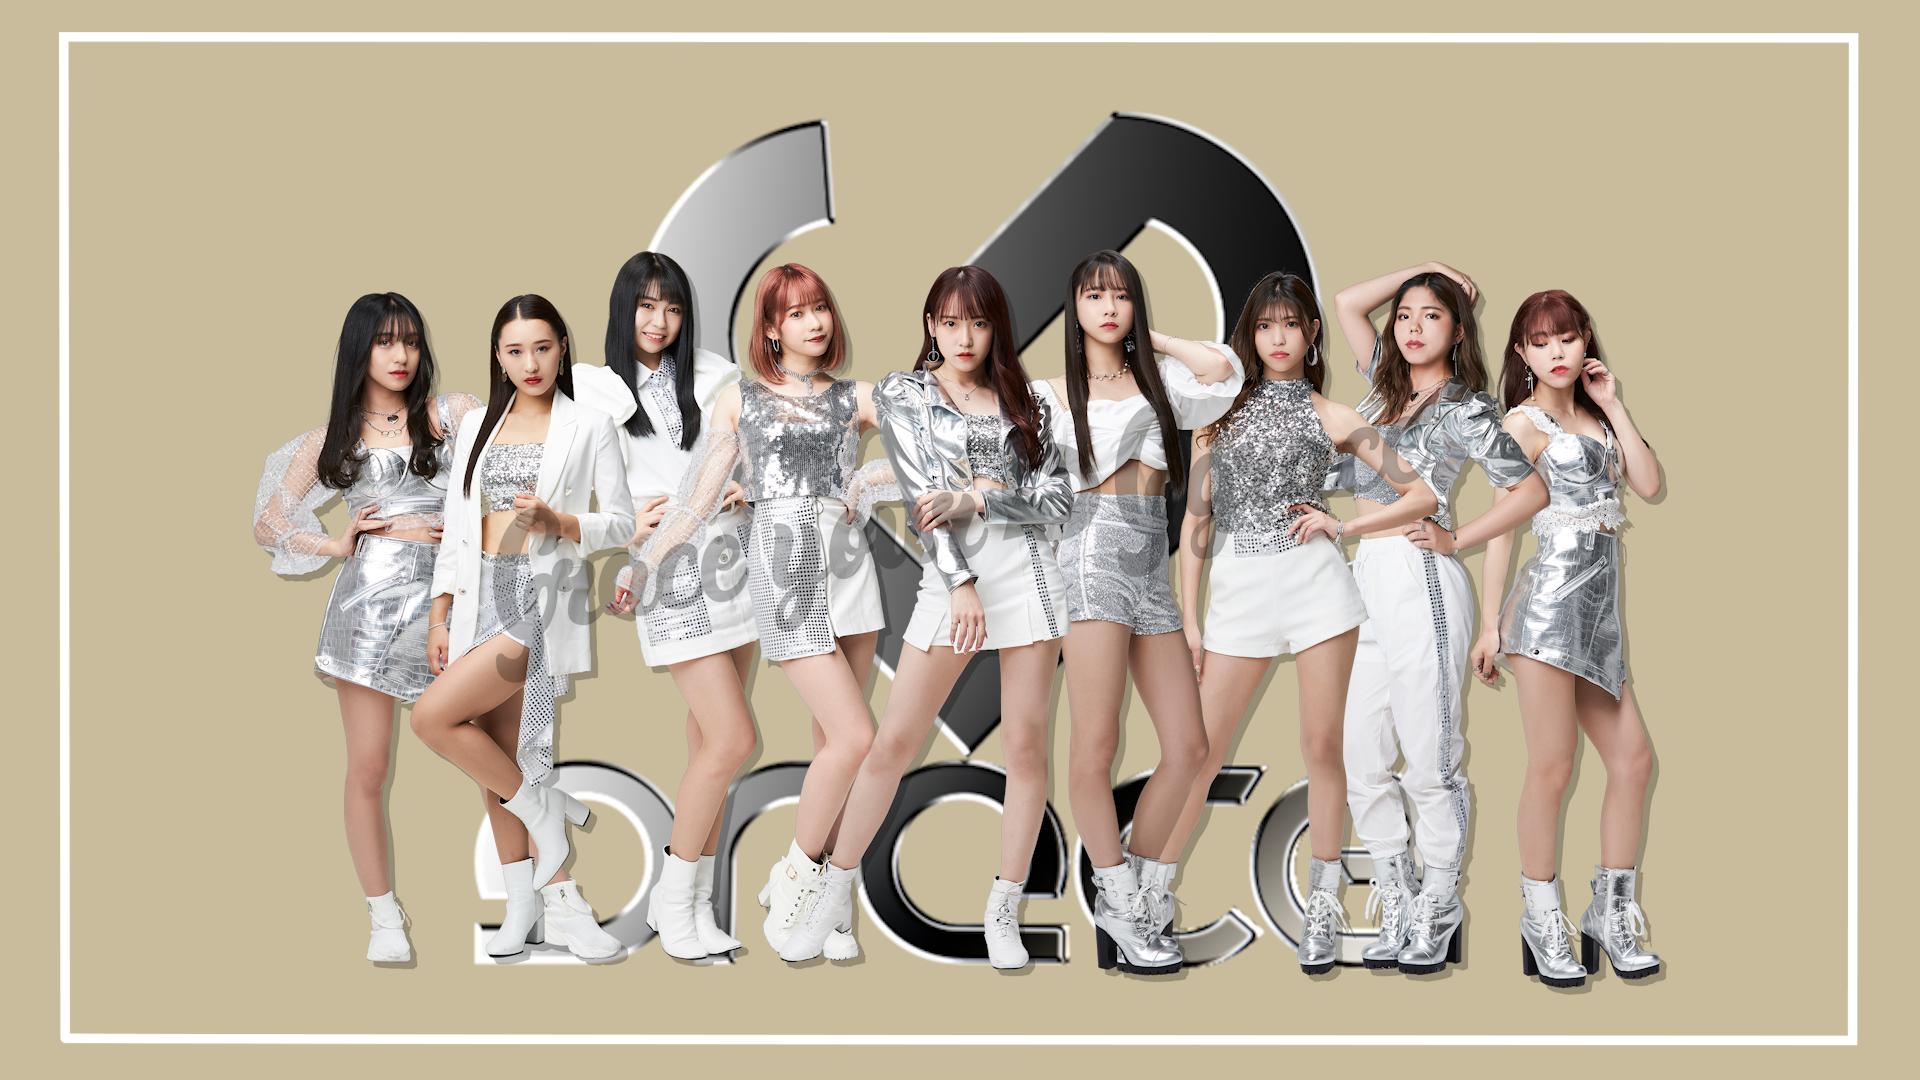 オーディション 関西K-POPダンスボーカル「Ggrace」練習生オーディション デビュー前なのでまだ間に合います! 主催:A-BEAT-PRO.、カテゴリ:アイドル(東京以外)